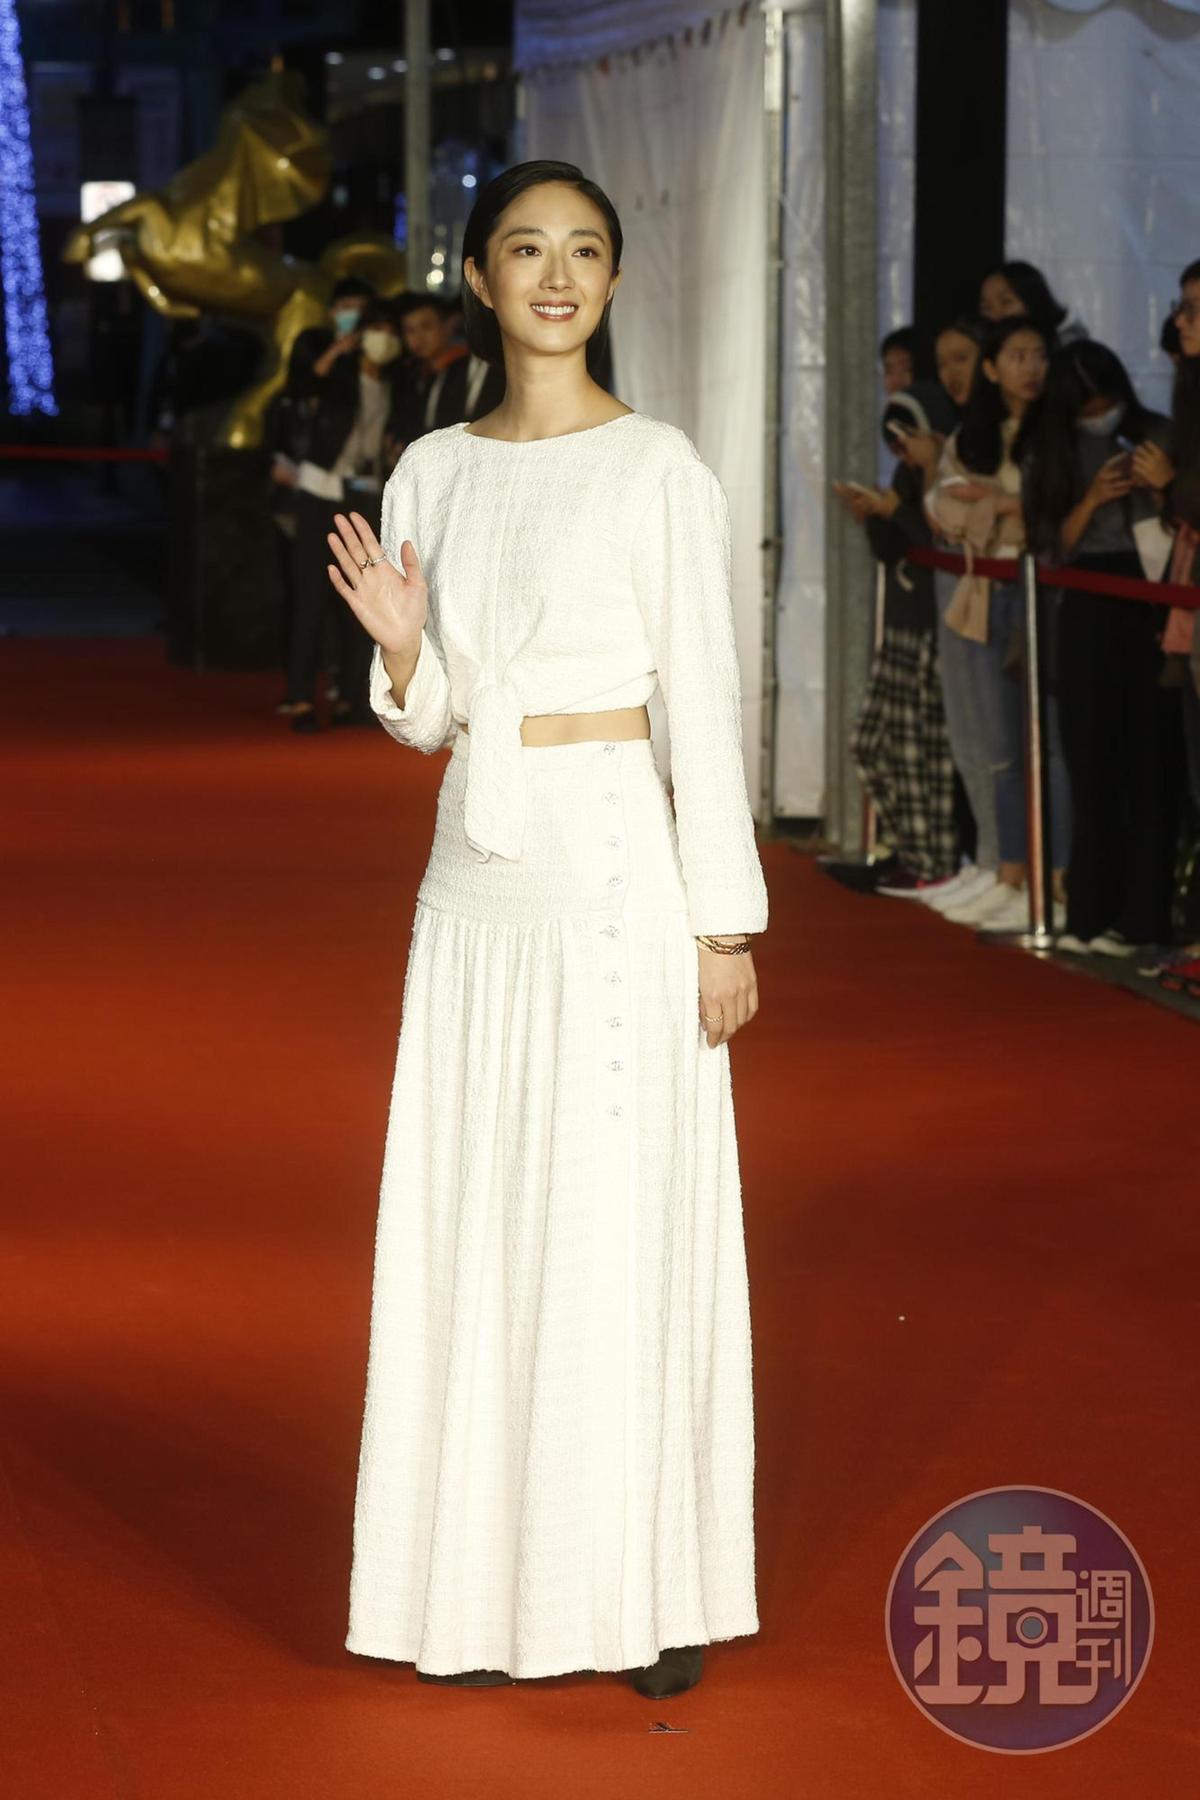 桂綸鎂白色長裙優雅現身,但戲裡她卻自認是位「肖婆」。